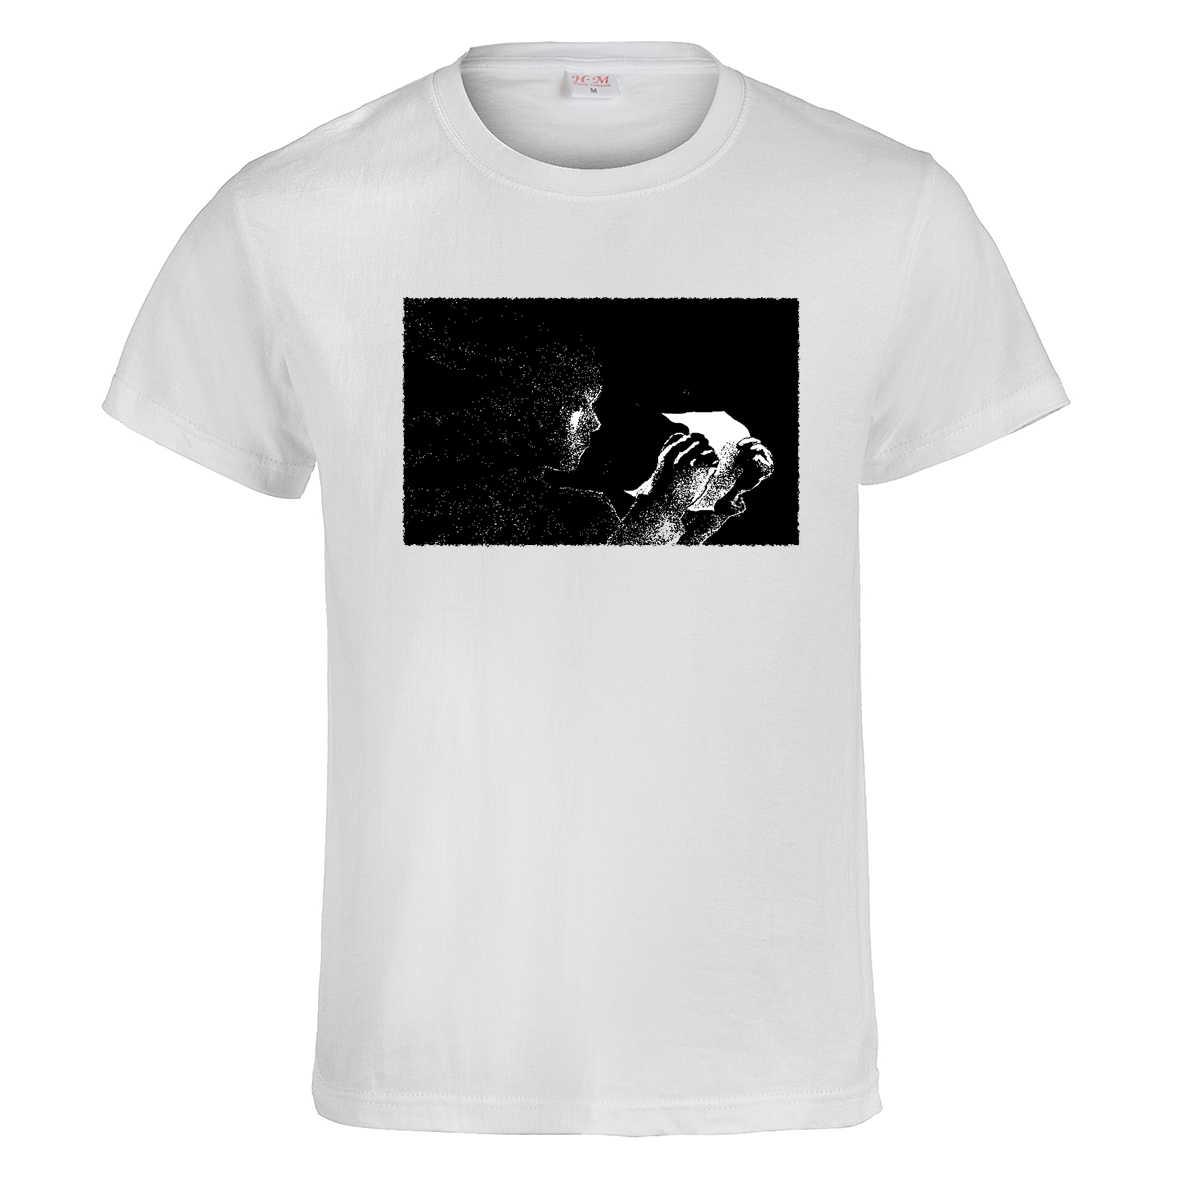 Мужская футболка с принтом в виде головы эфириальной фигуры Повседневная летняя